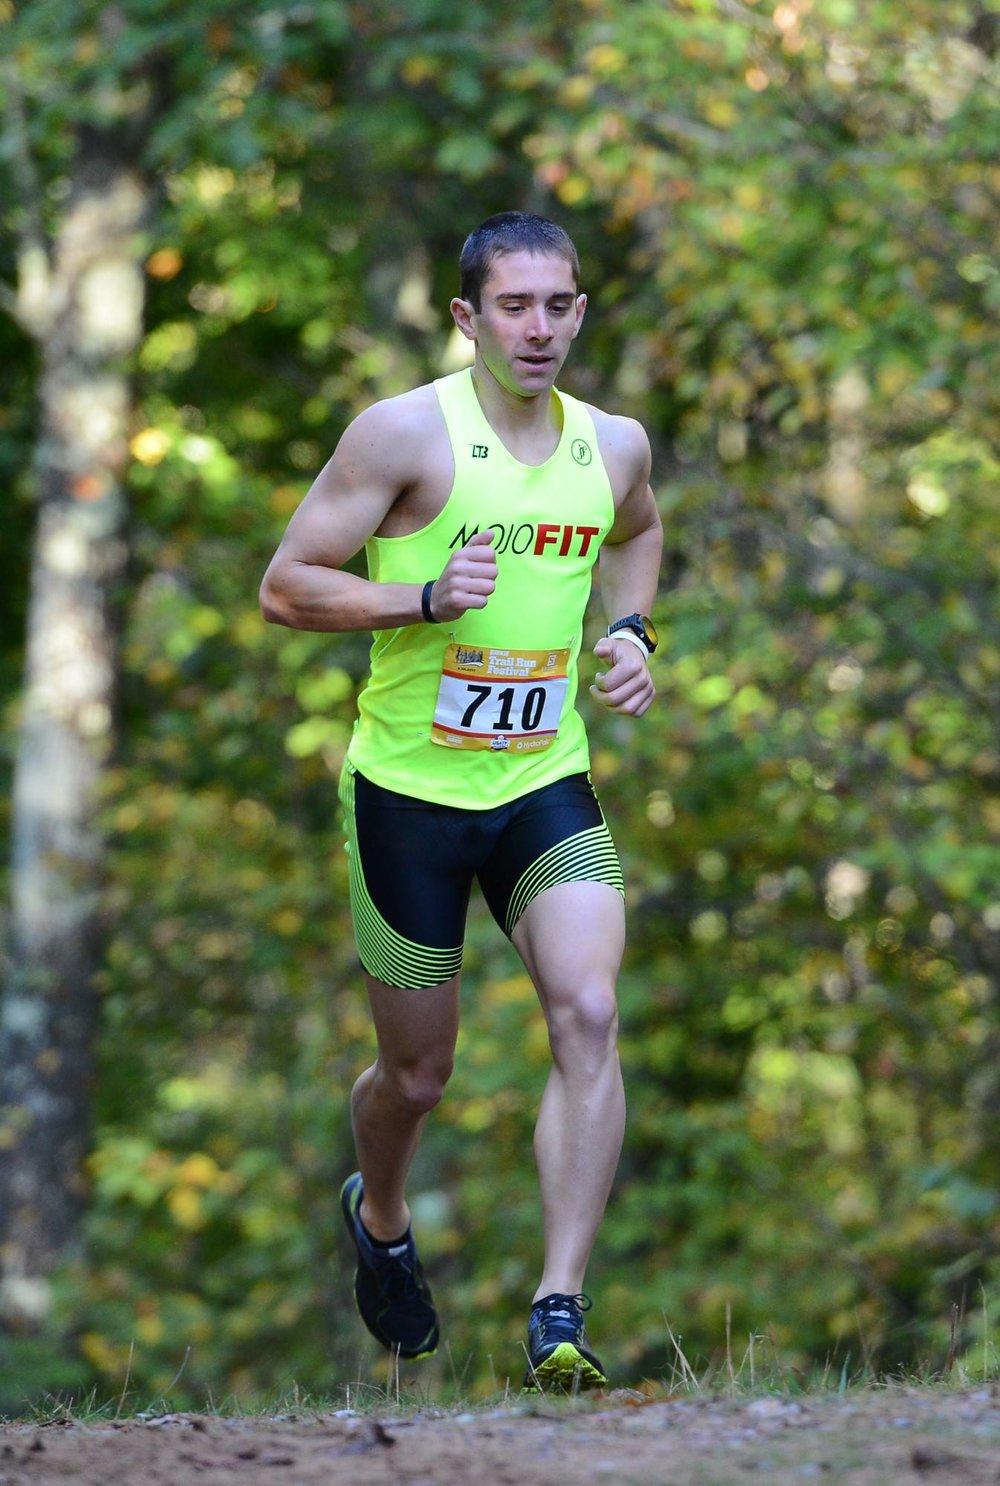 USATF Half-Marathon Trail Championship